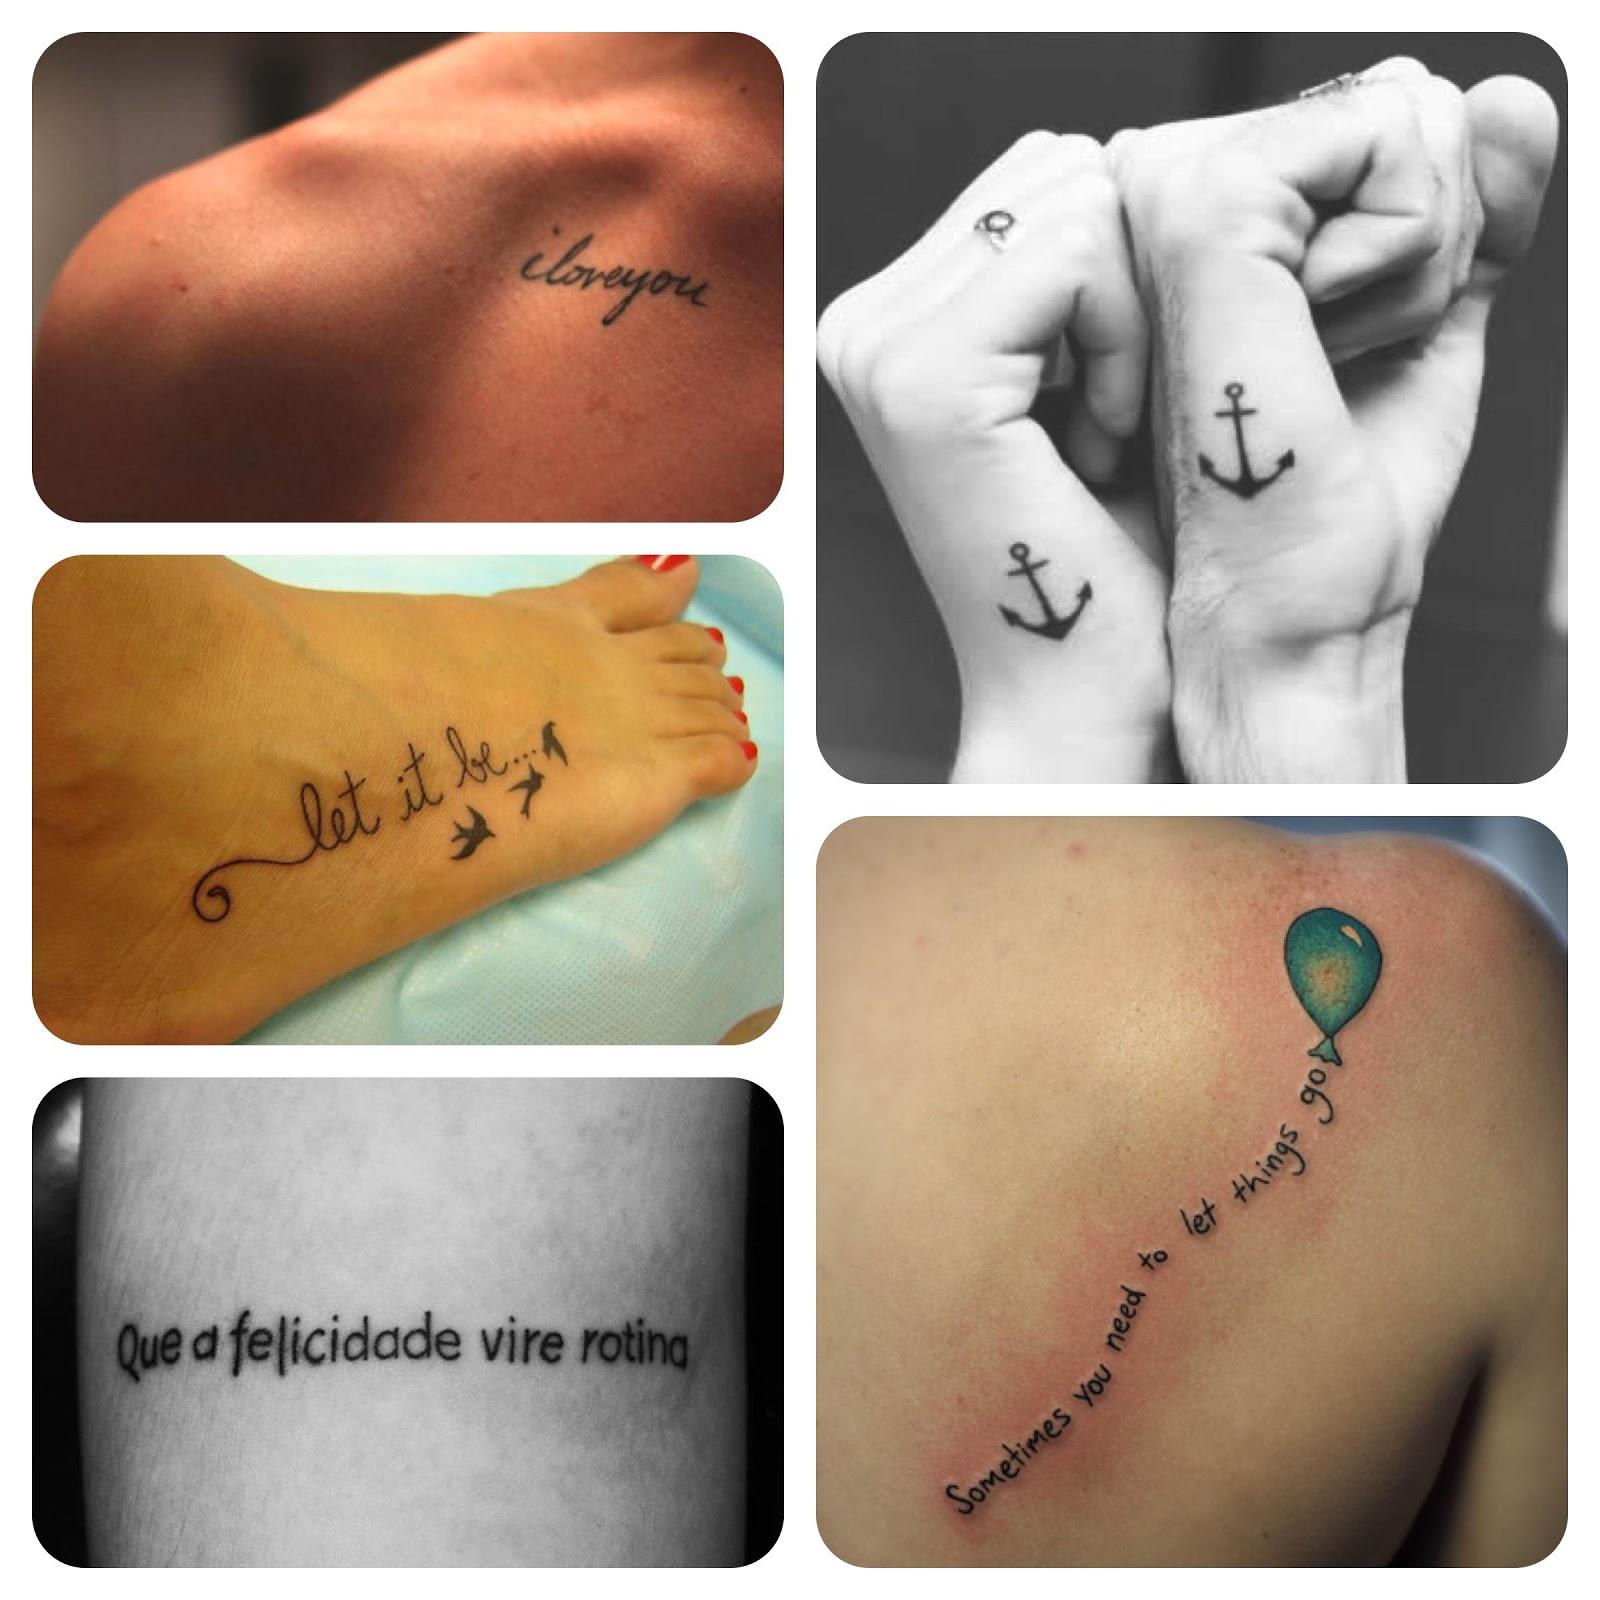 fotos, tattoos, tatuagem, fofa, cute, delicada, feminina, inspiracao, ideias, desenhos